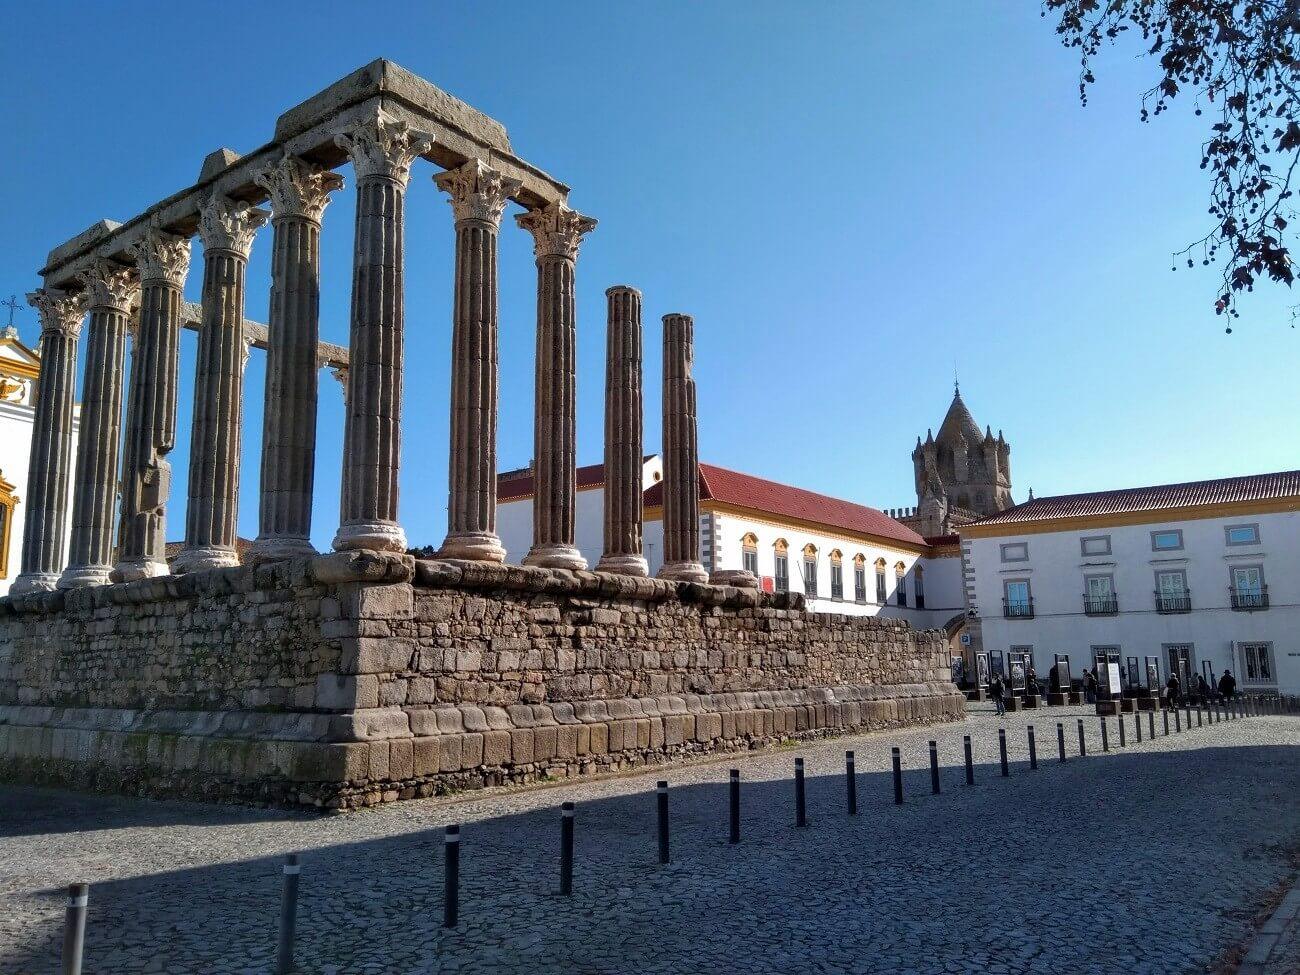 Il tempio romano di Evora (Tempio di Diana)